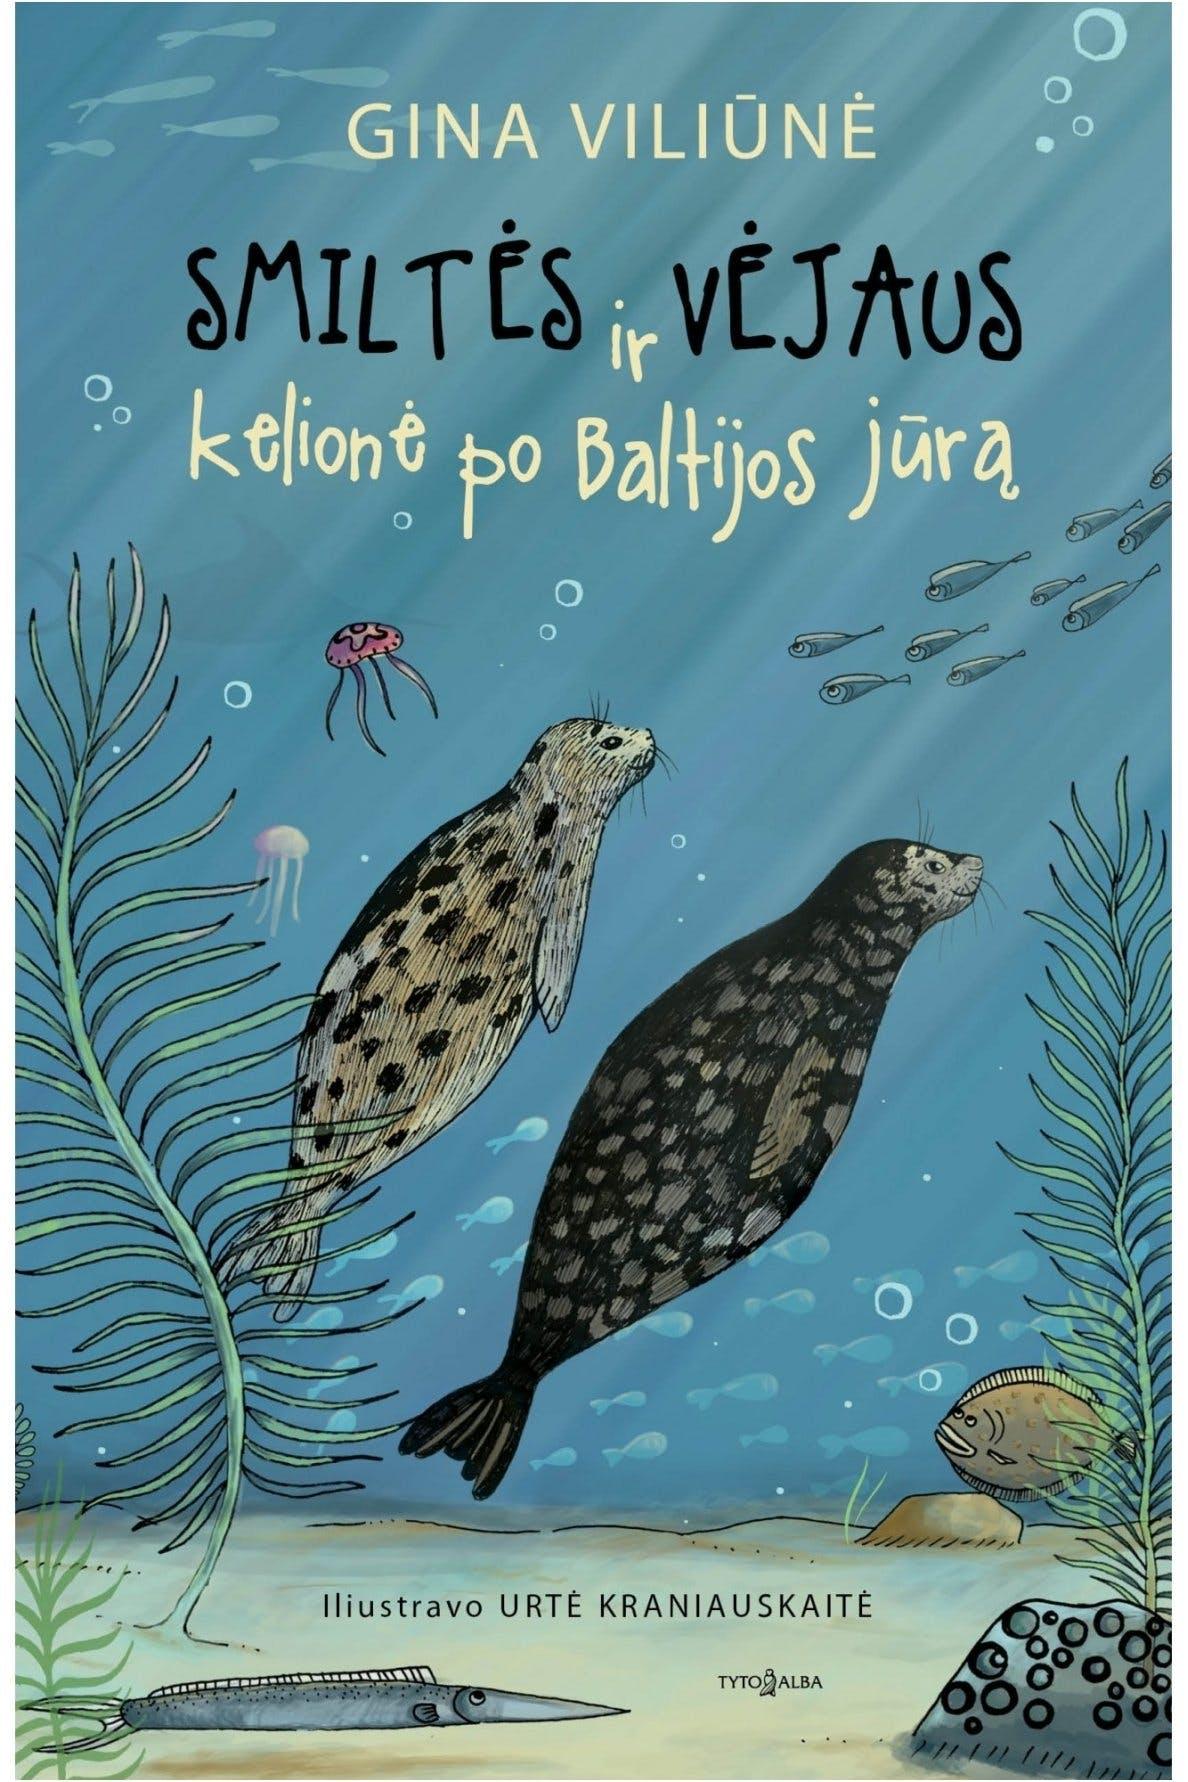 Smiltės ir Vėjaus kelionė po Baltijos jūrą